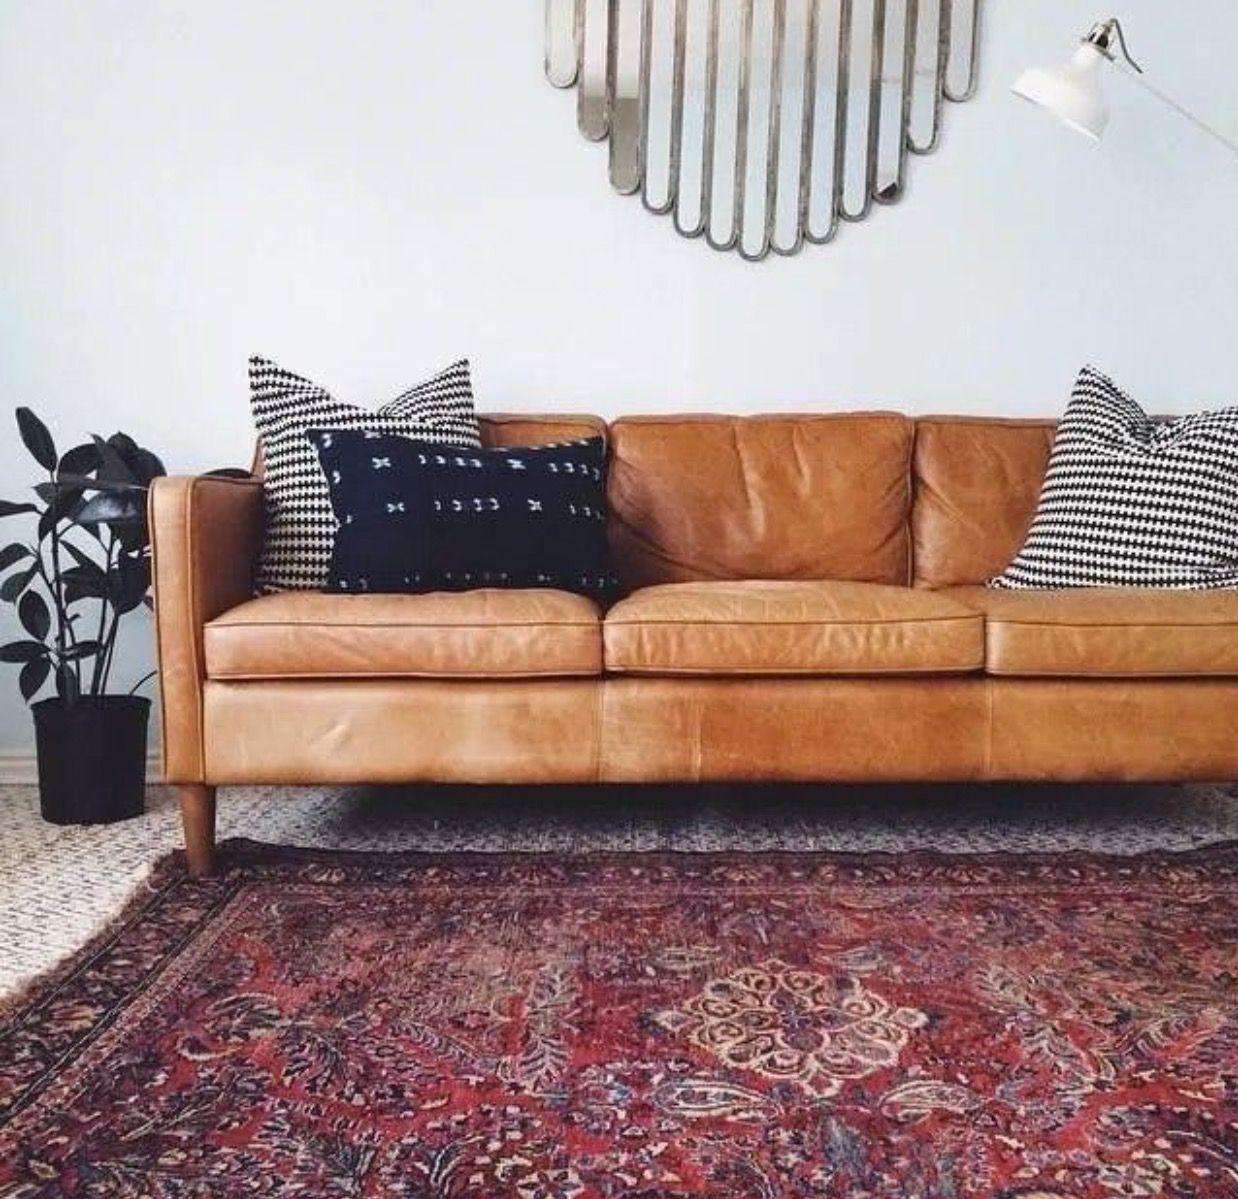 Get Started On Liberating Your Interior Design At Decoraid In Your City! NY  | SF. Wohnzimmer InspirationSchlafzimmer IdeenWohnung WohnzimmerTeppich ...